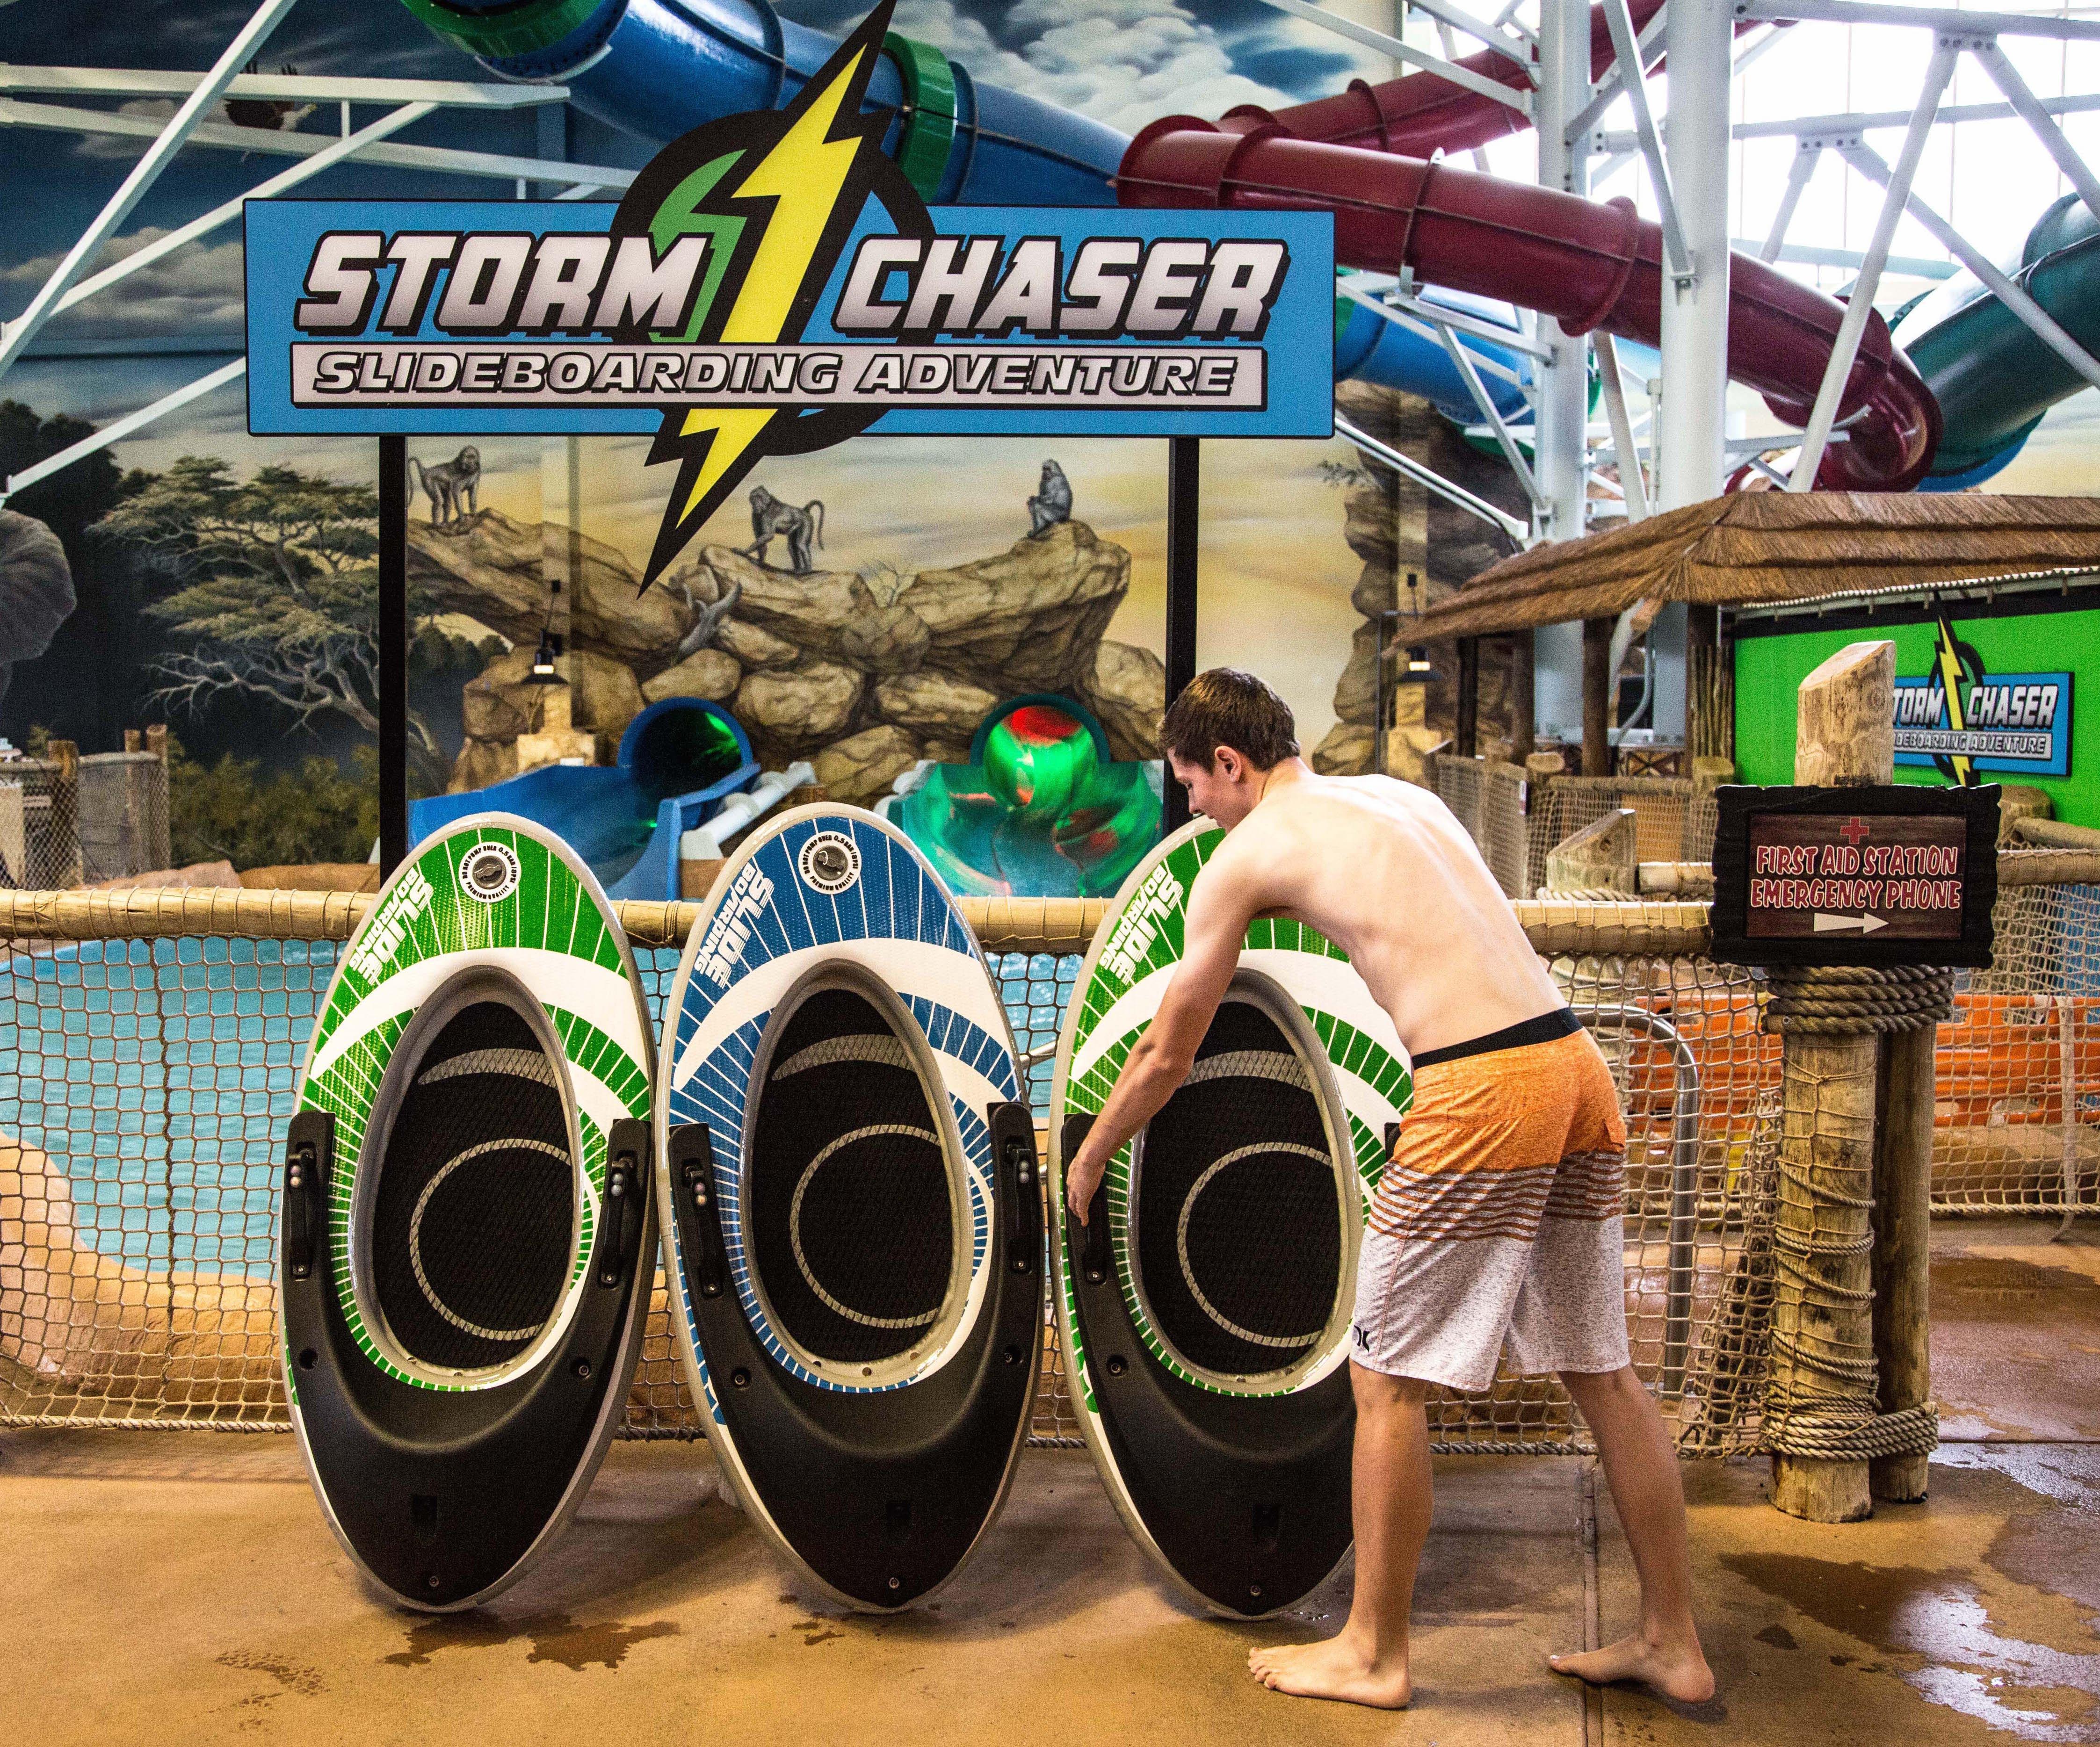 Chase The Storm Kalahari Resorts And Conventions Debuts Interactive